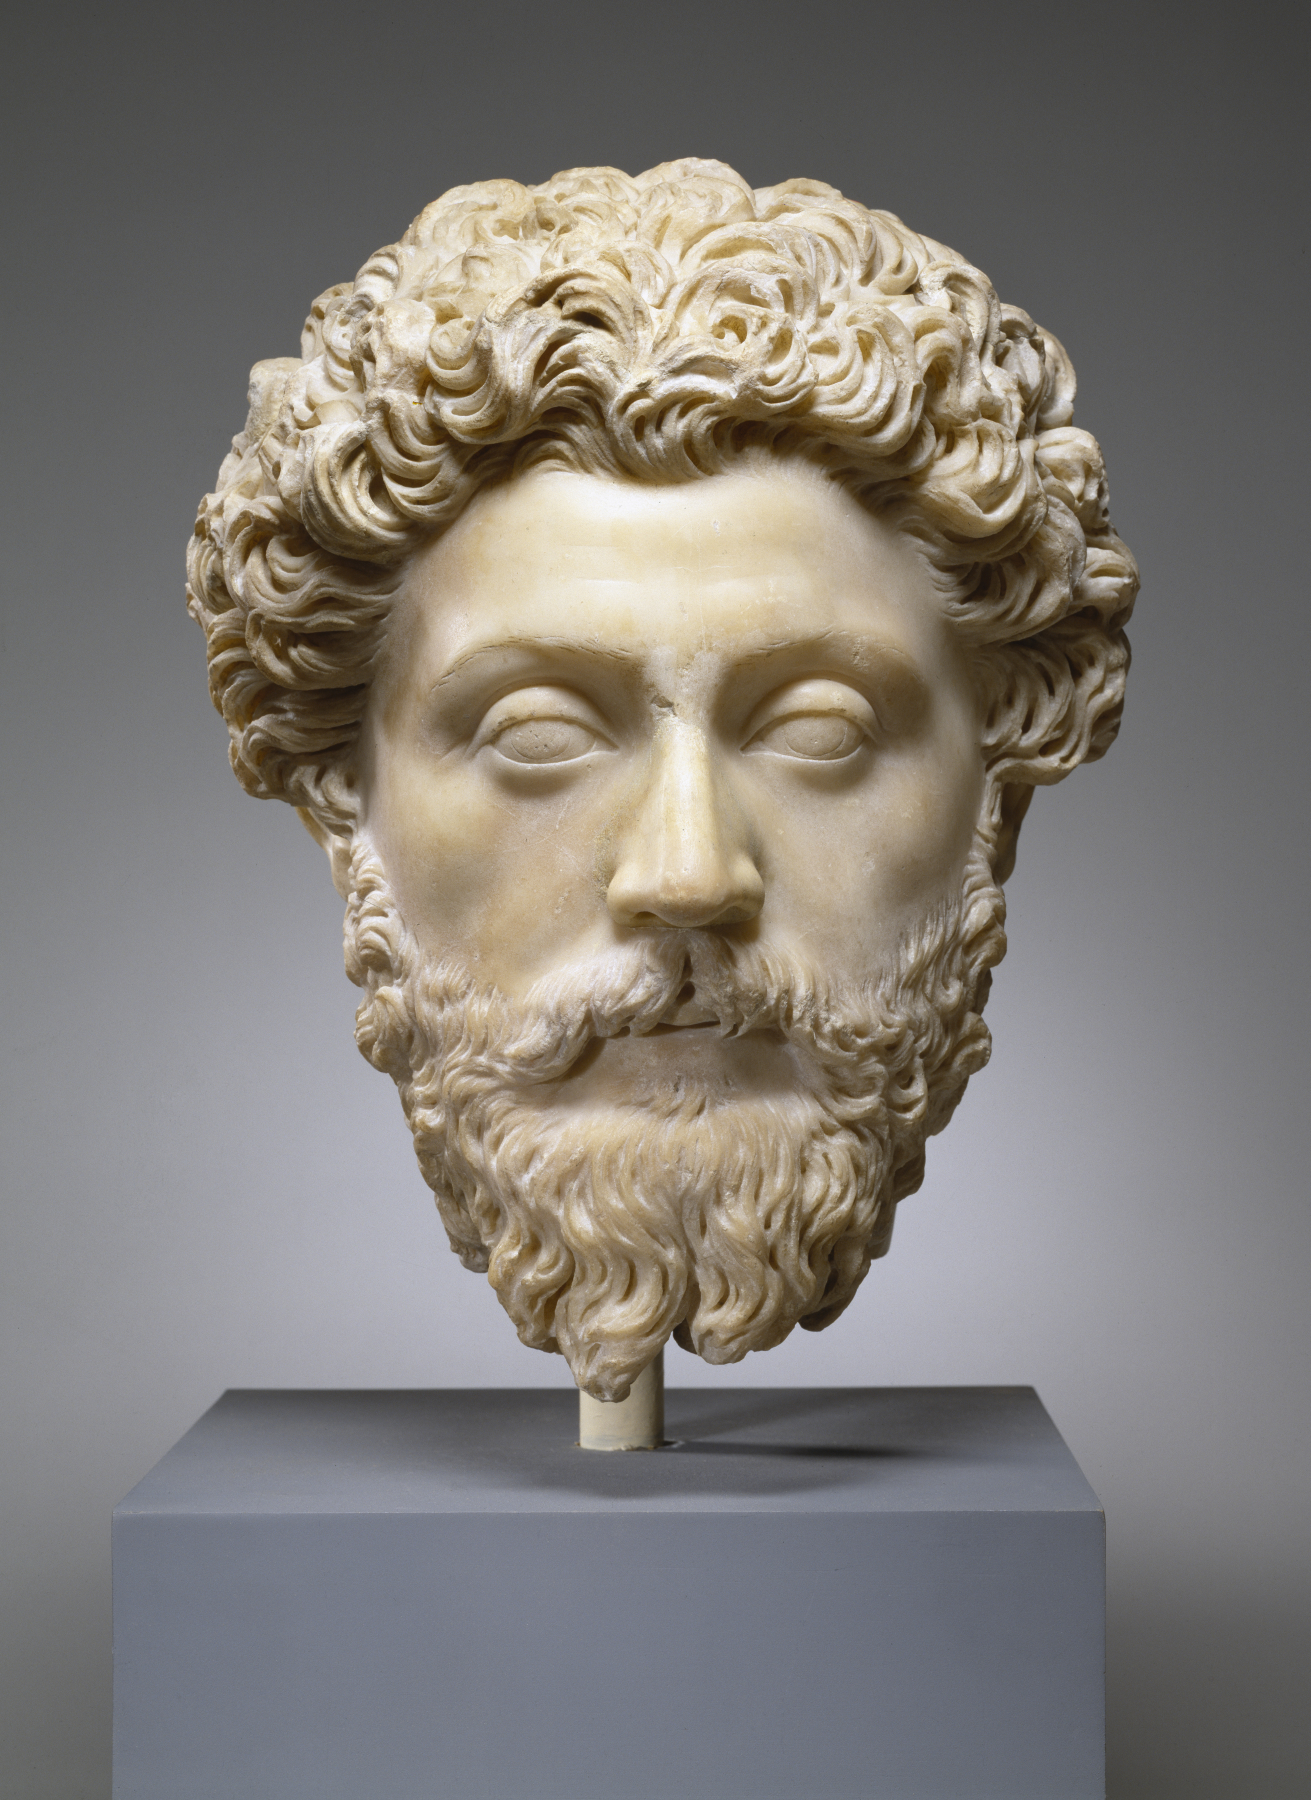 Roman_-_Portrait_of_the_Emperor_Marcus_Aurelius_-_Walters_23215.jpg